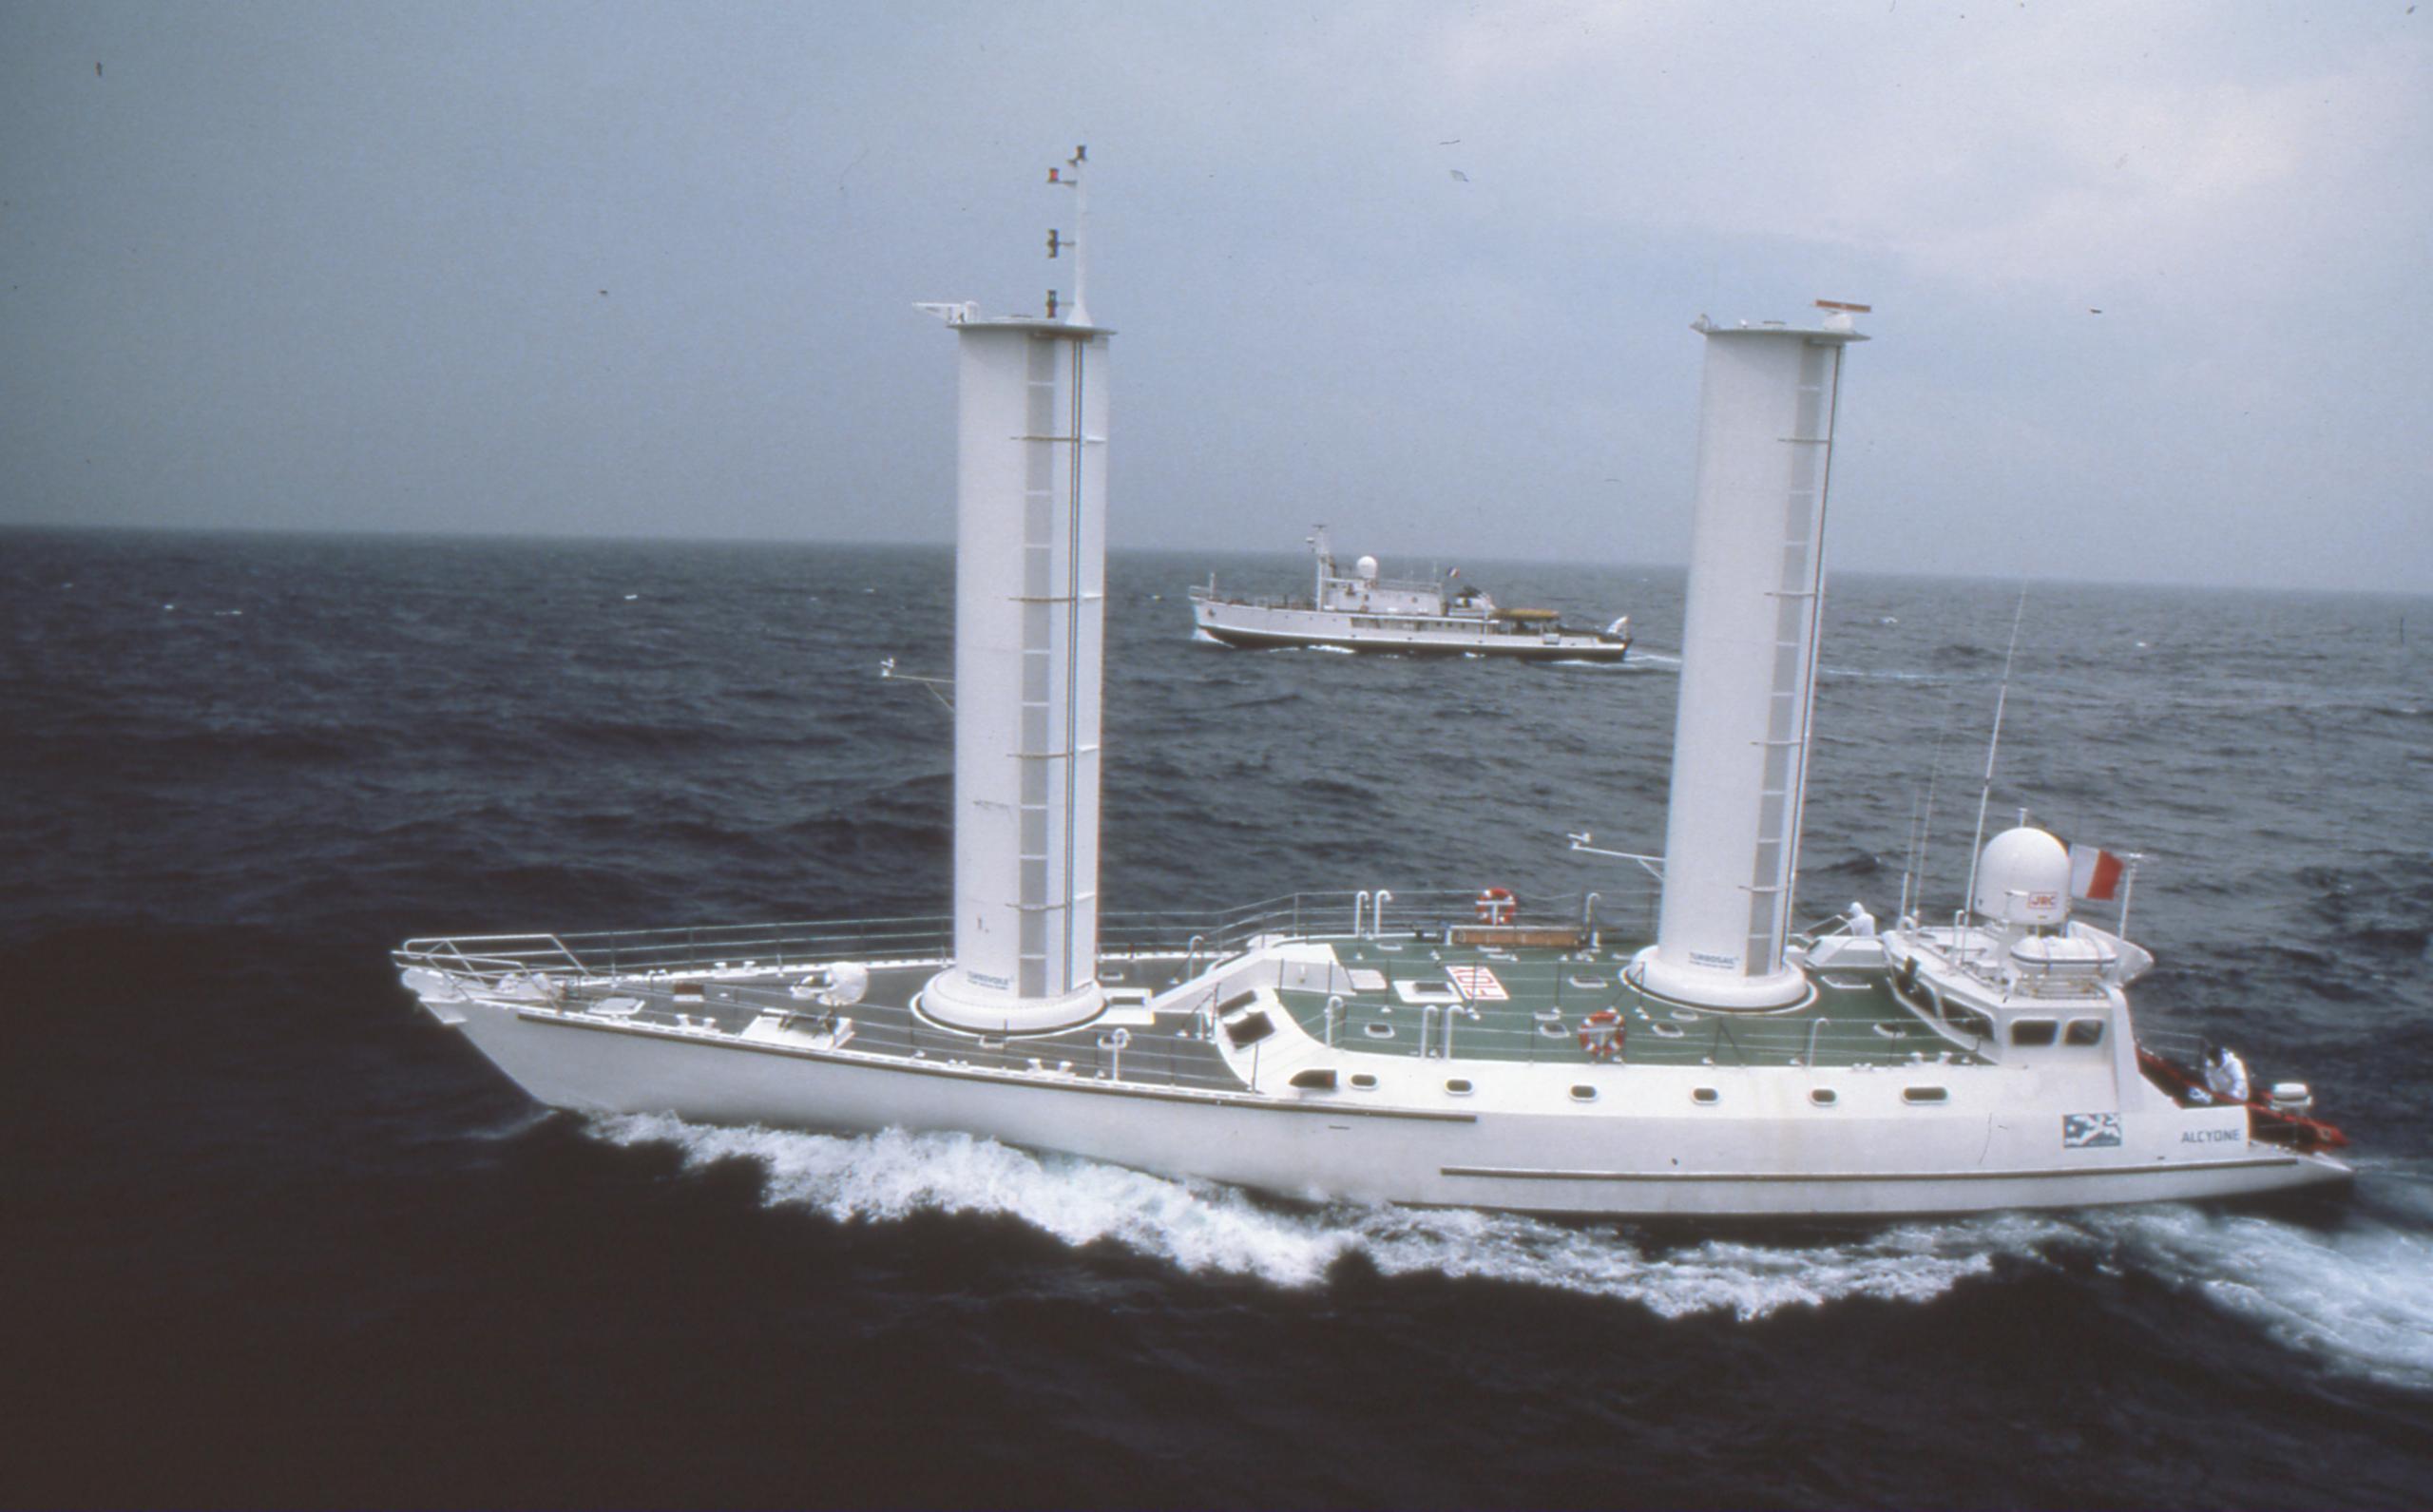 На всех парусах в компании с Калипсо. Алкилона в Бермудском треугольнике